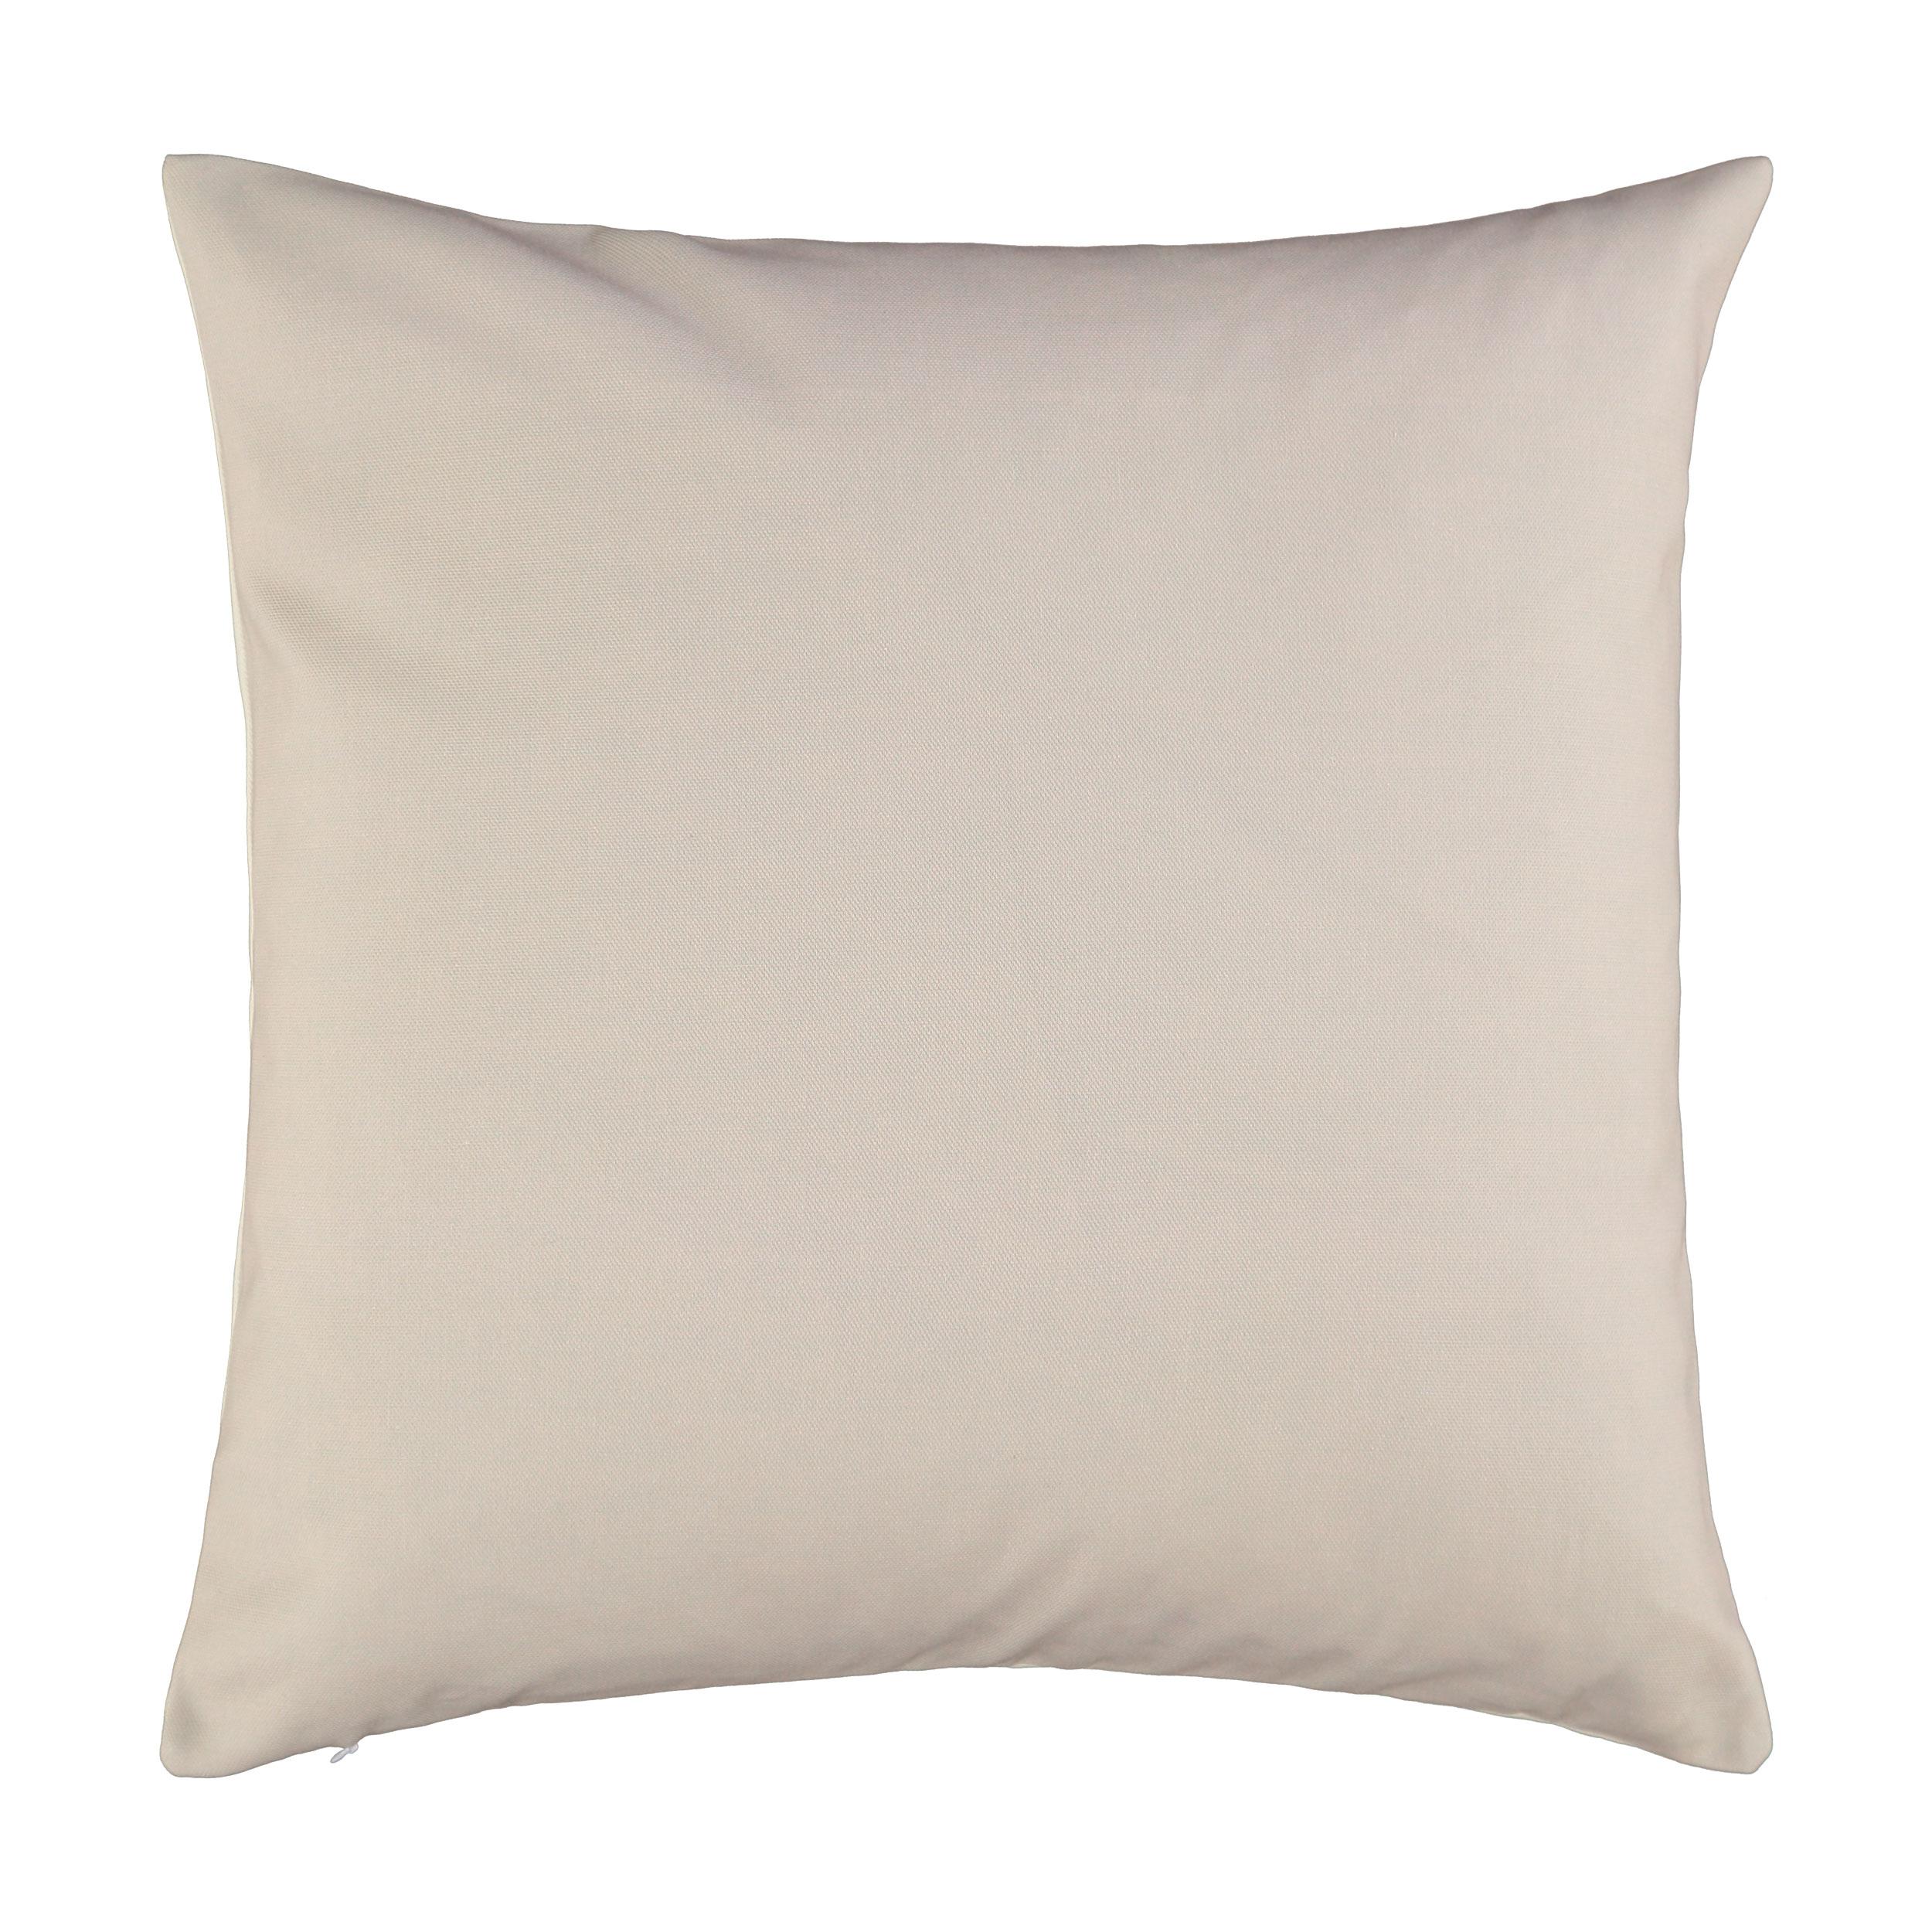 Shop London Pillow Cases UK | London